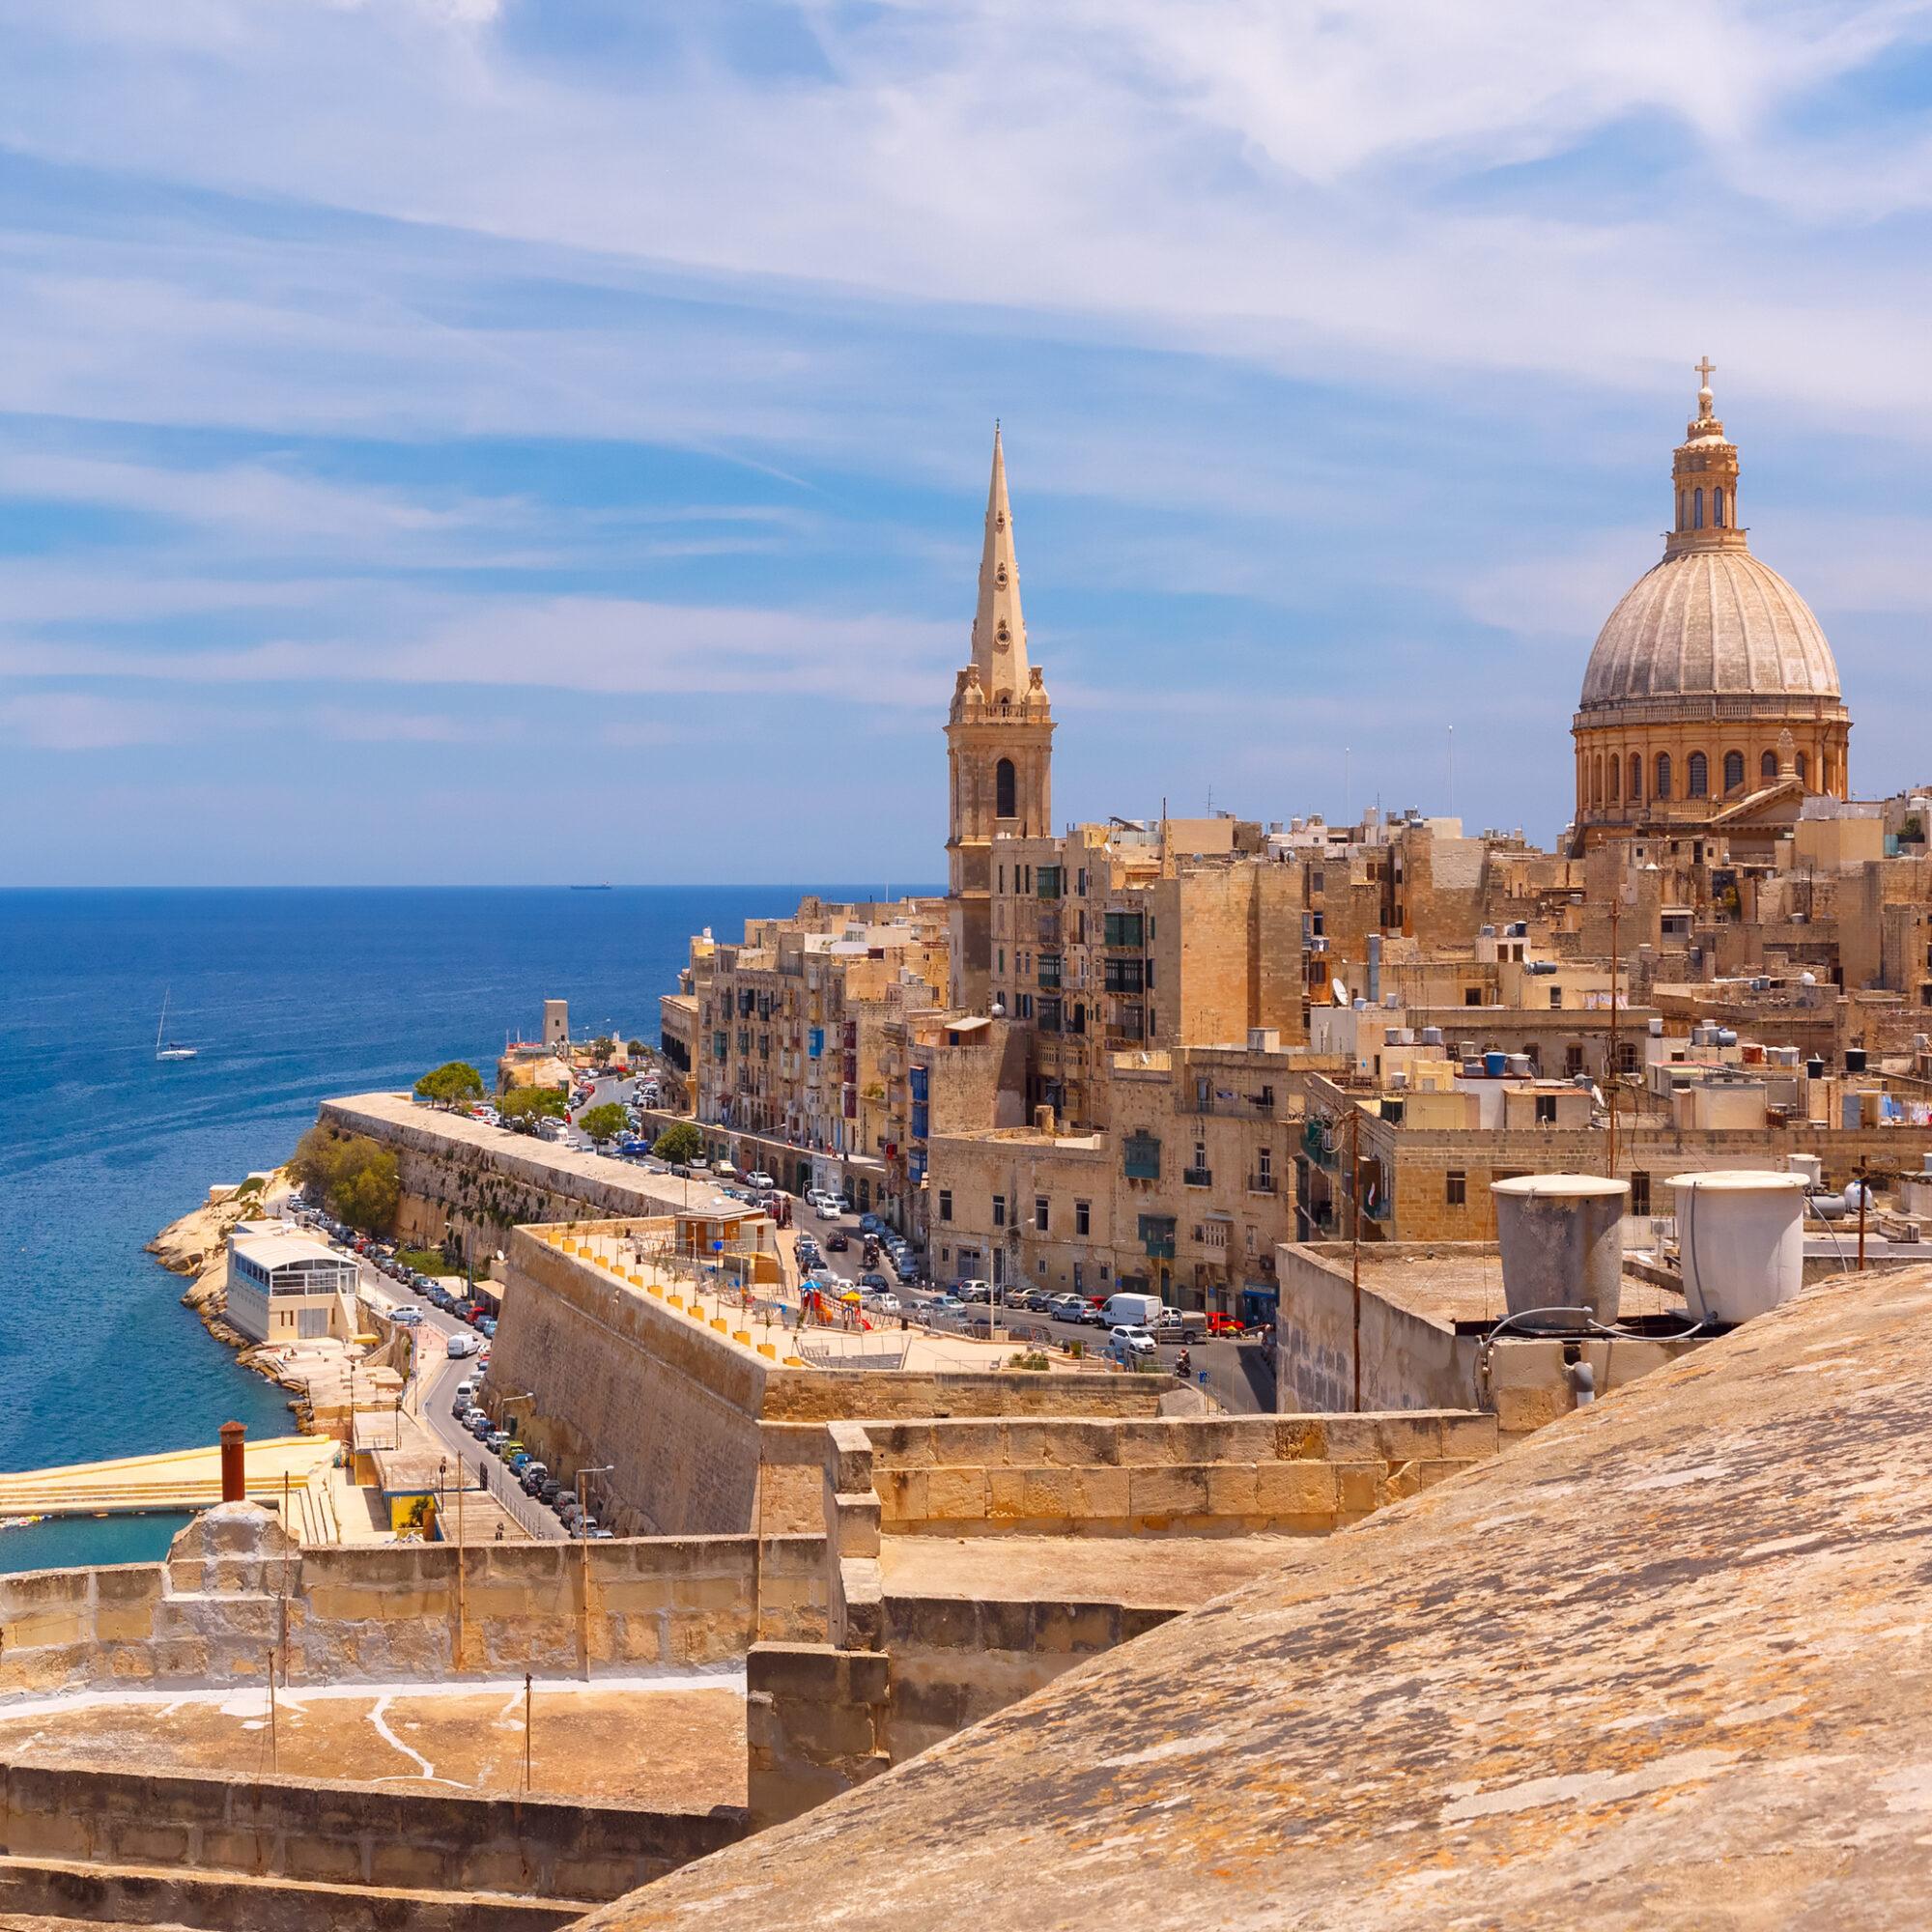 Skyline of Valletta the capital city of Malta.